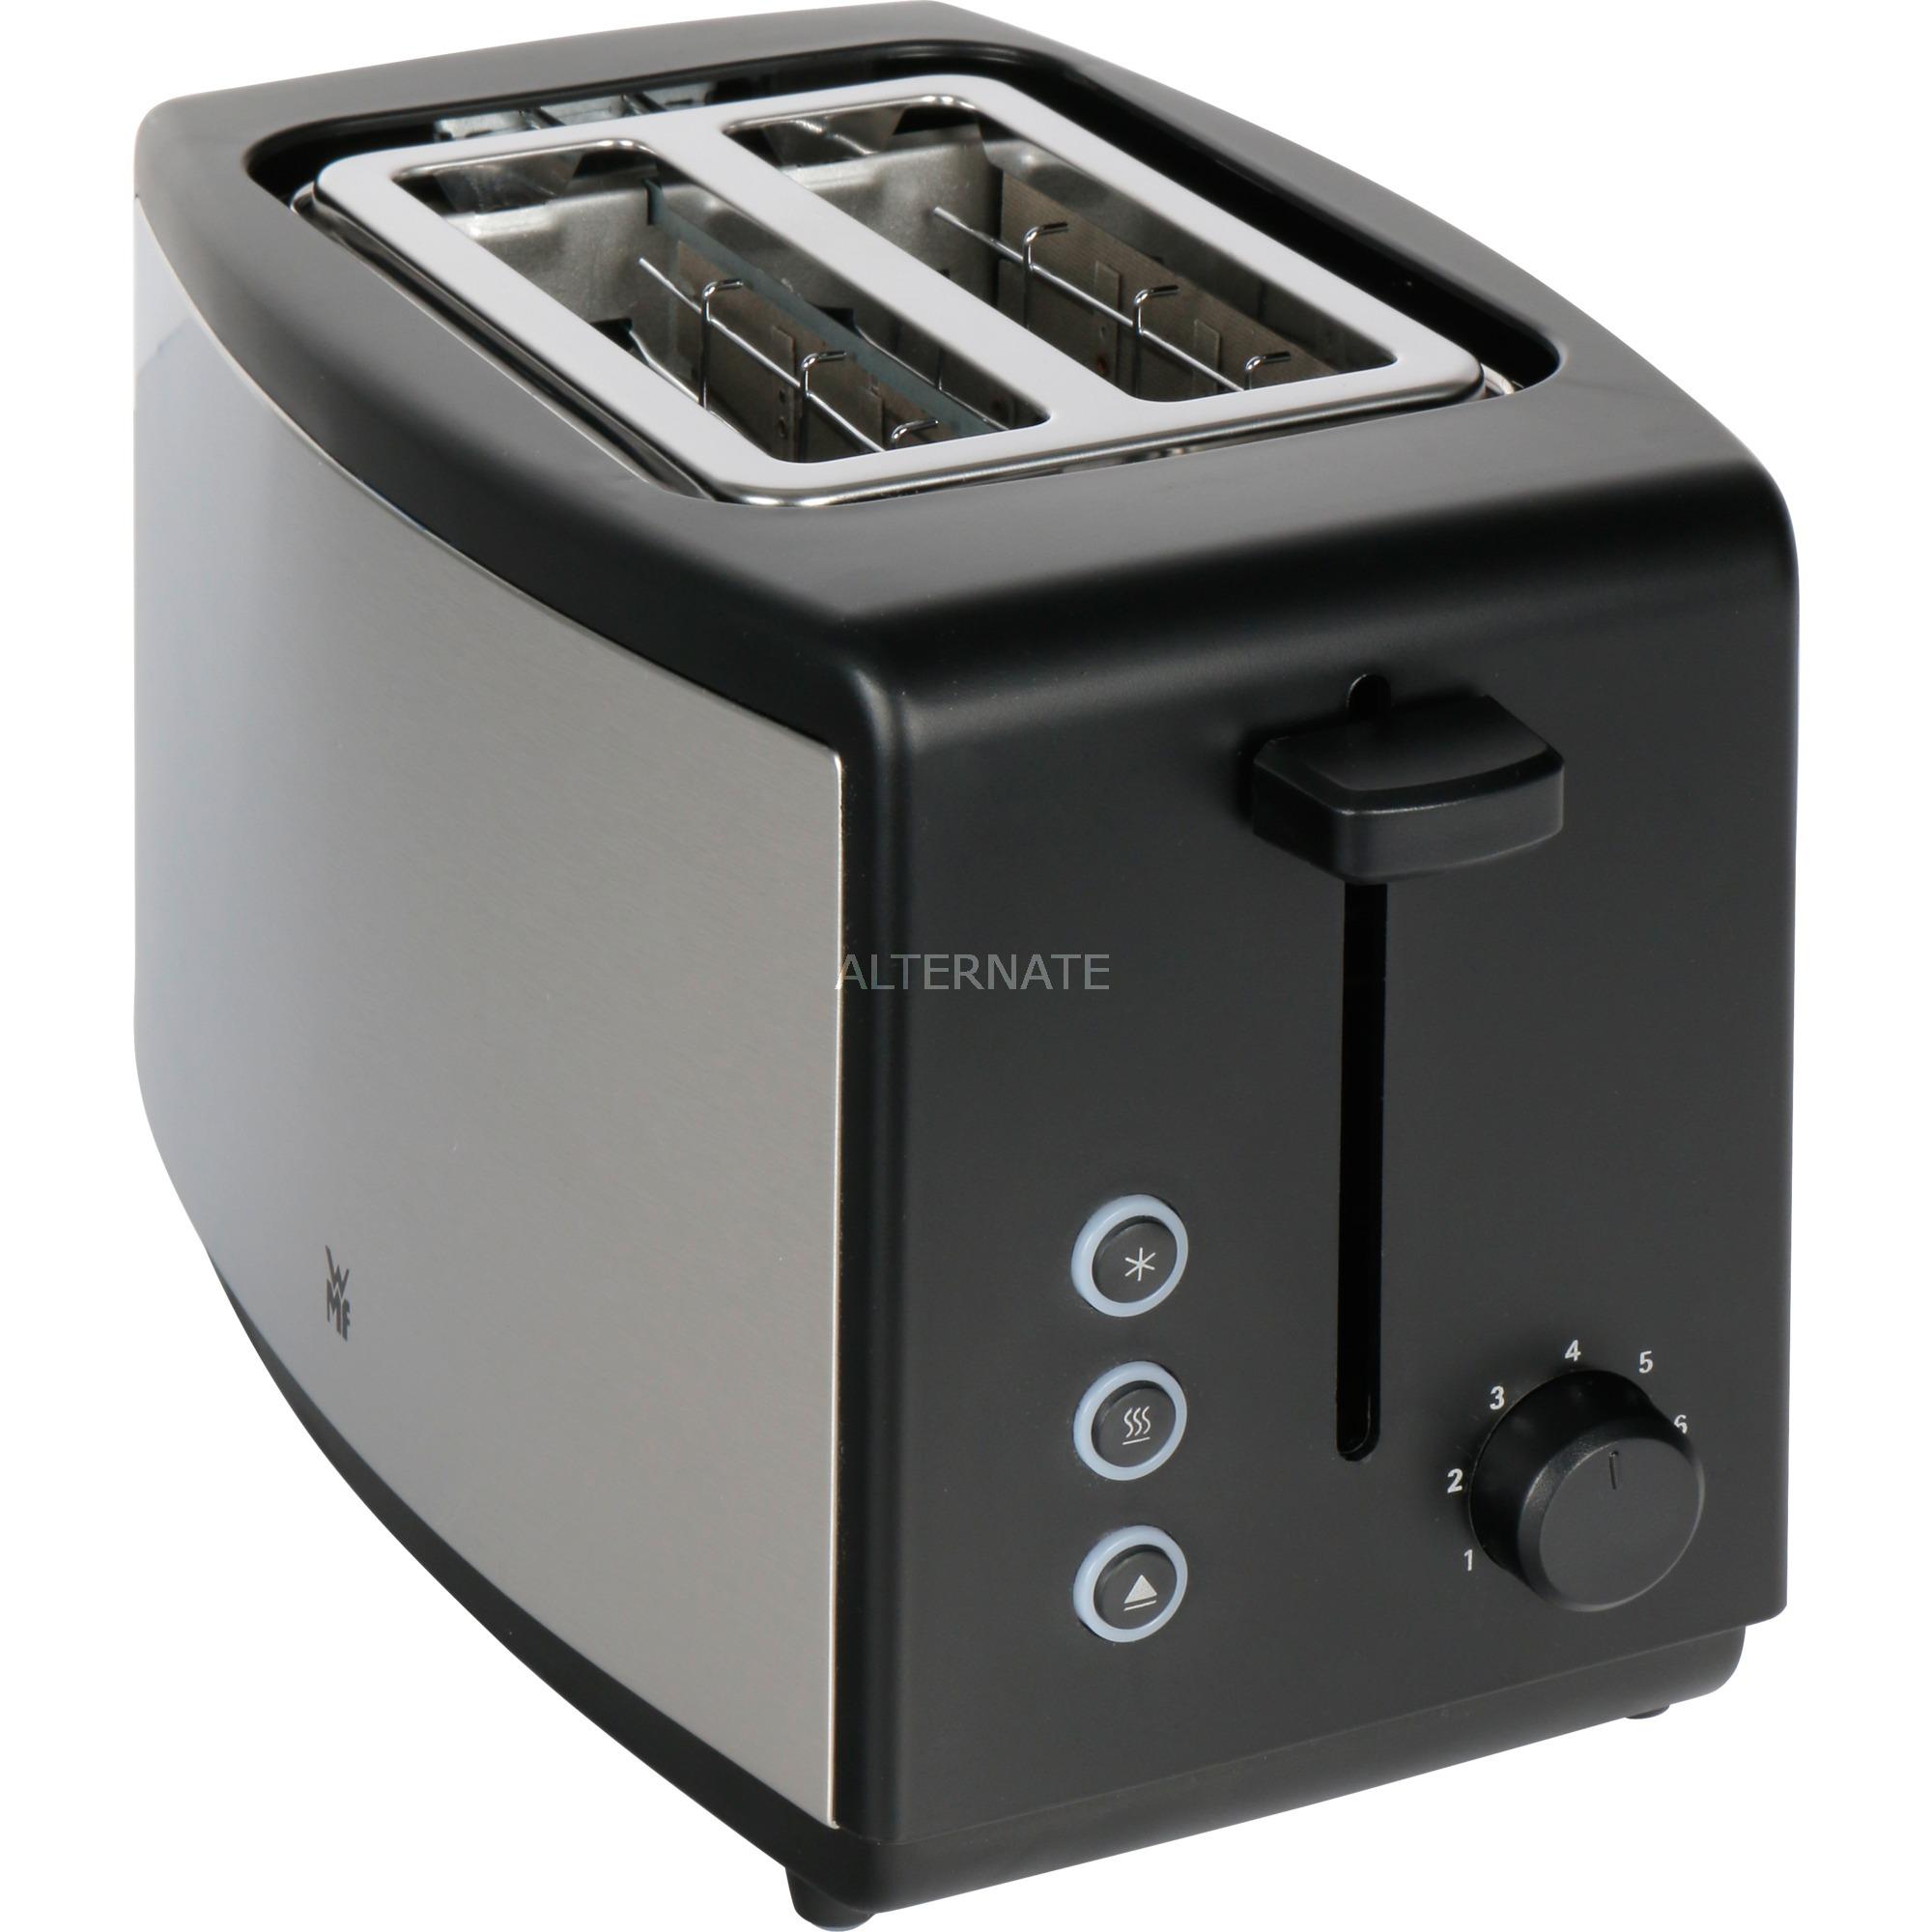 Wmf tostapane griglia scaldabriosche integrata prezzi for Prezzi tostapane